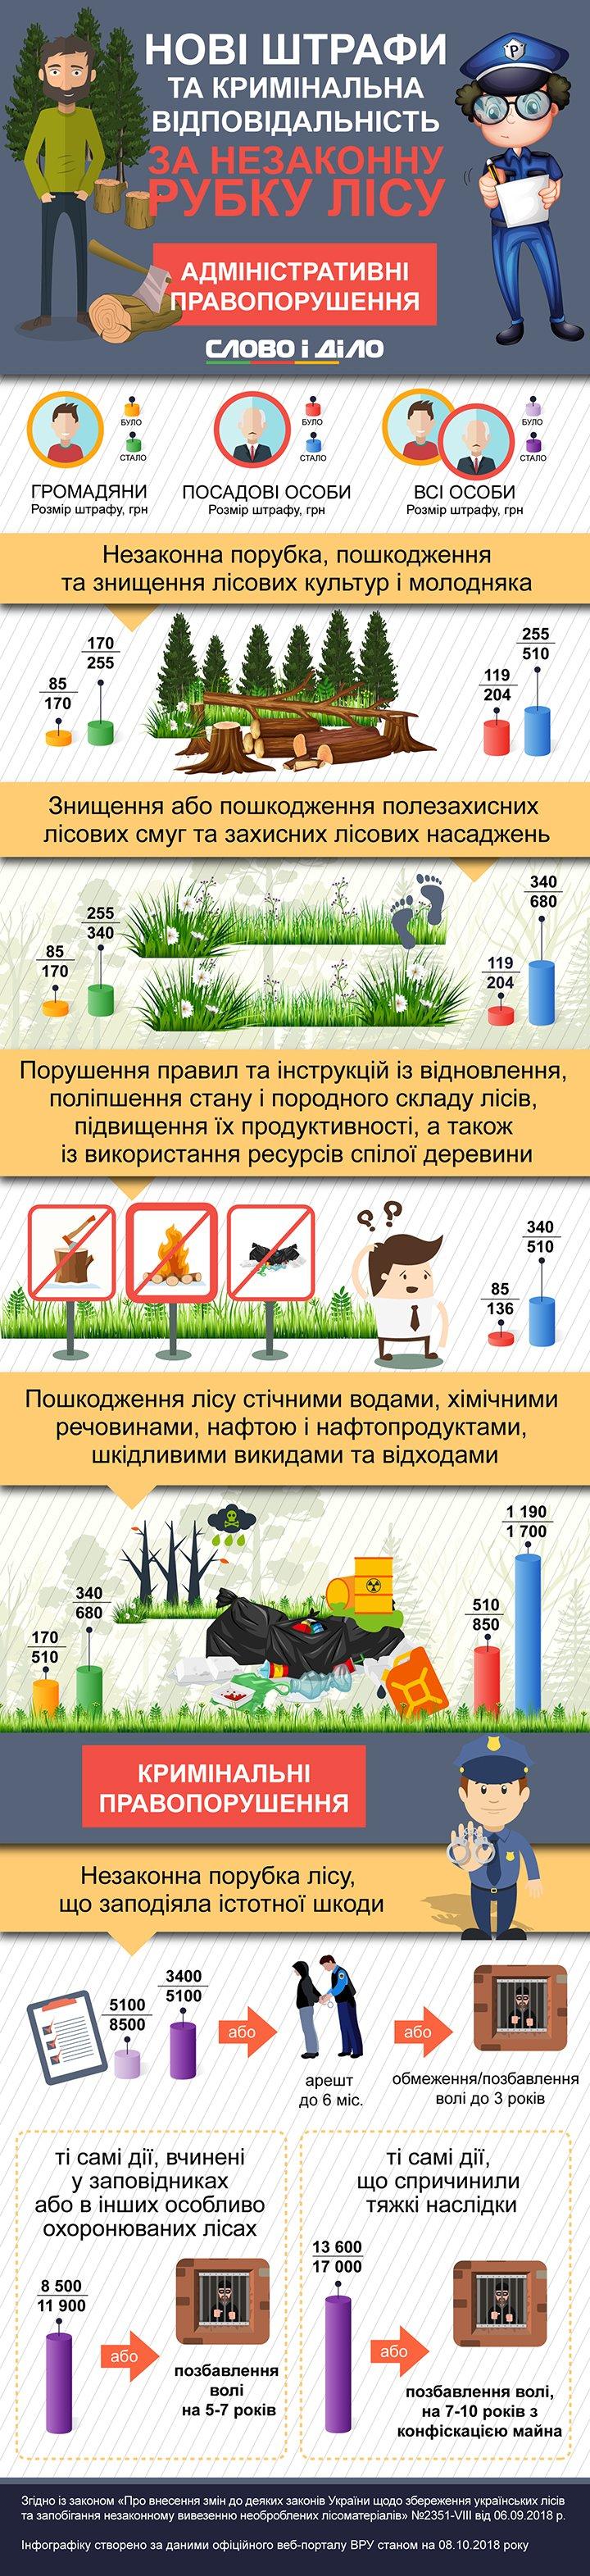 Сколько заплатят нарушители за незаконную вырубку леса в Украине